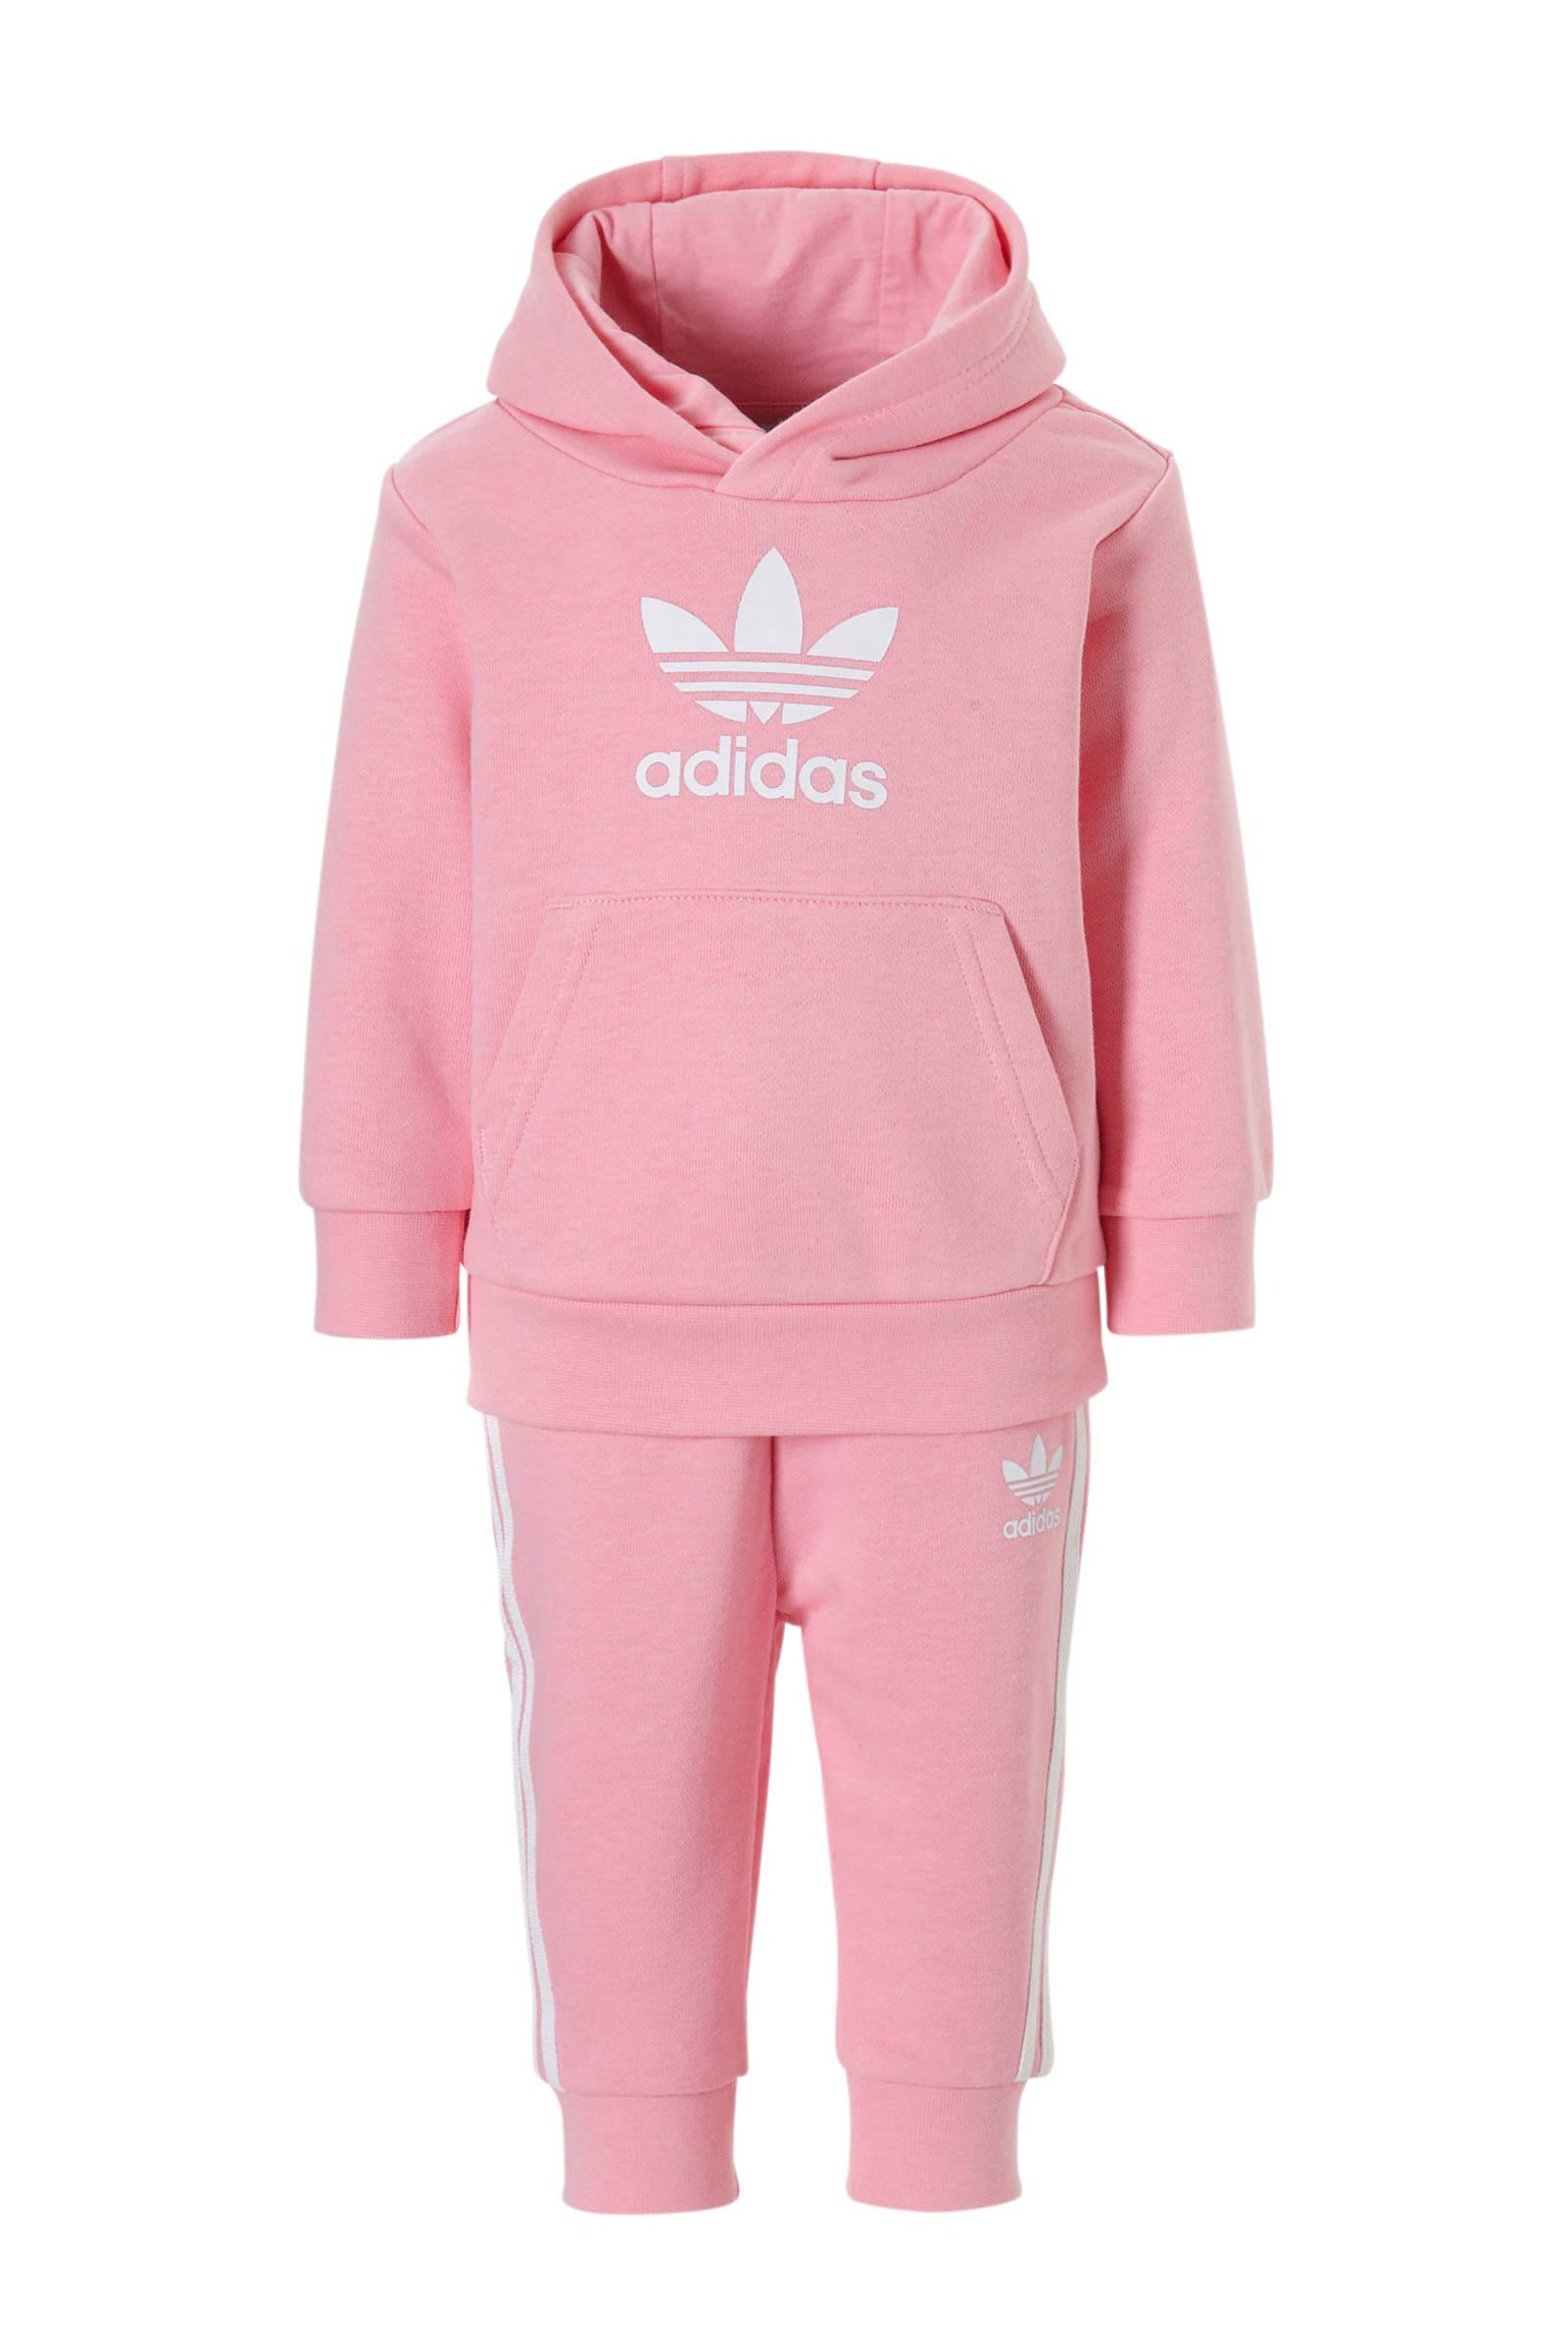 0353de9d7e5 adidas originals trainingspak roze   wehkamp